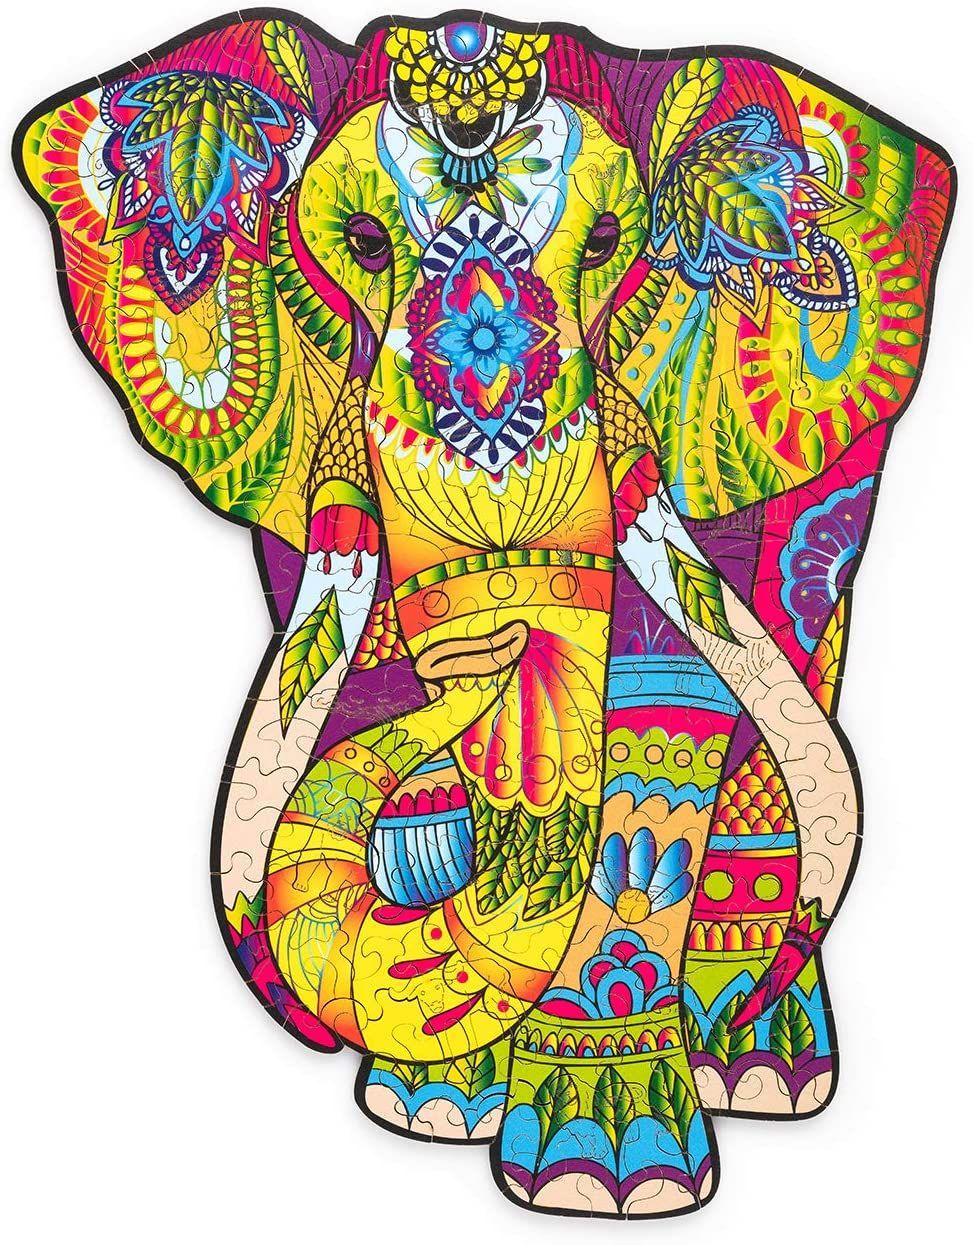 Деревянный трюк великолепный слон деревянная головоломка для взрослых и детей - животные уникальные в форме головоломки головоломки - премиум качества